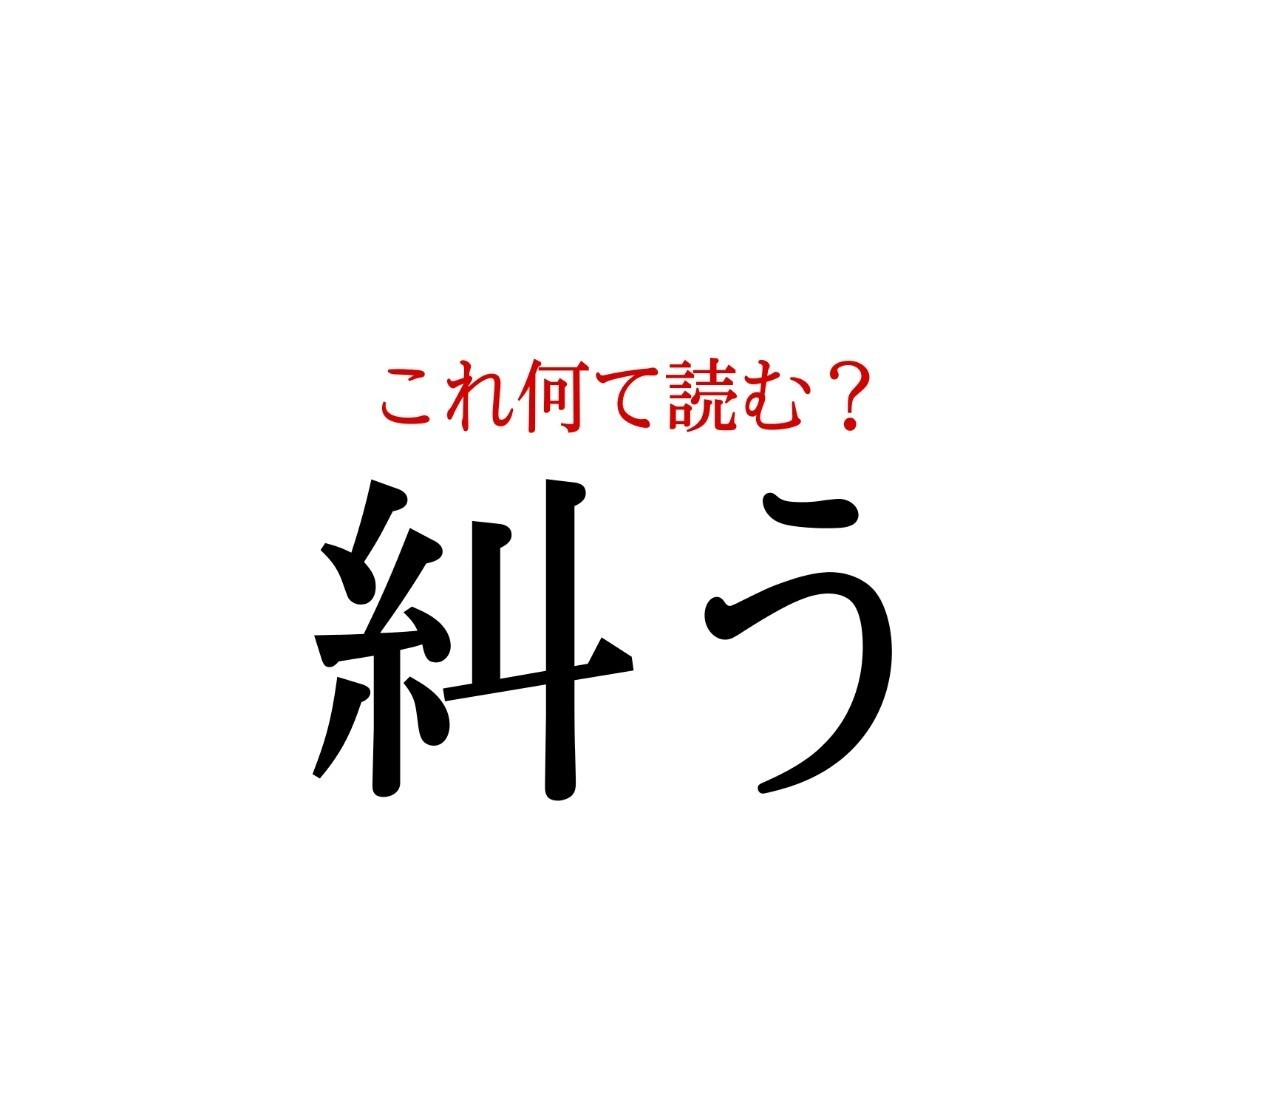 「糾う」:この漢字、自信を持って読めますか?【働く大人の漢字クイズvol.259】